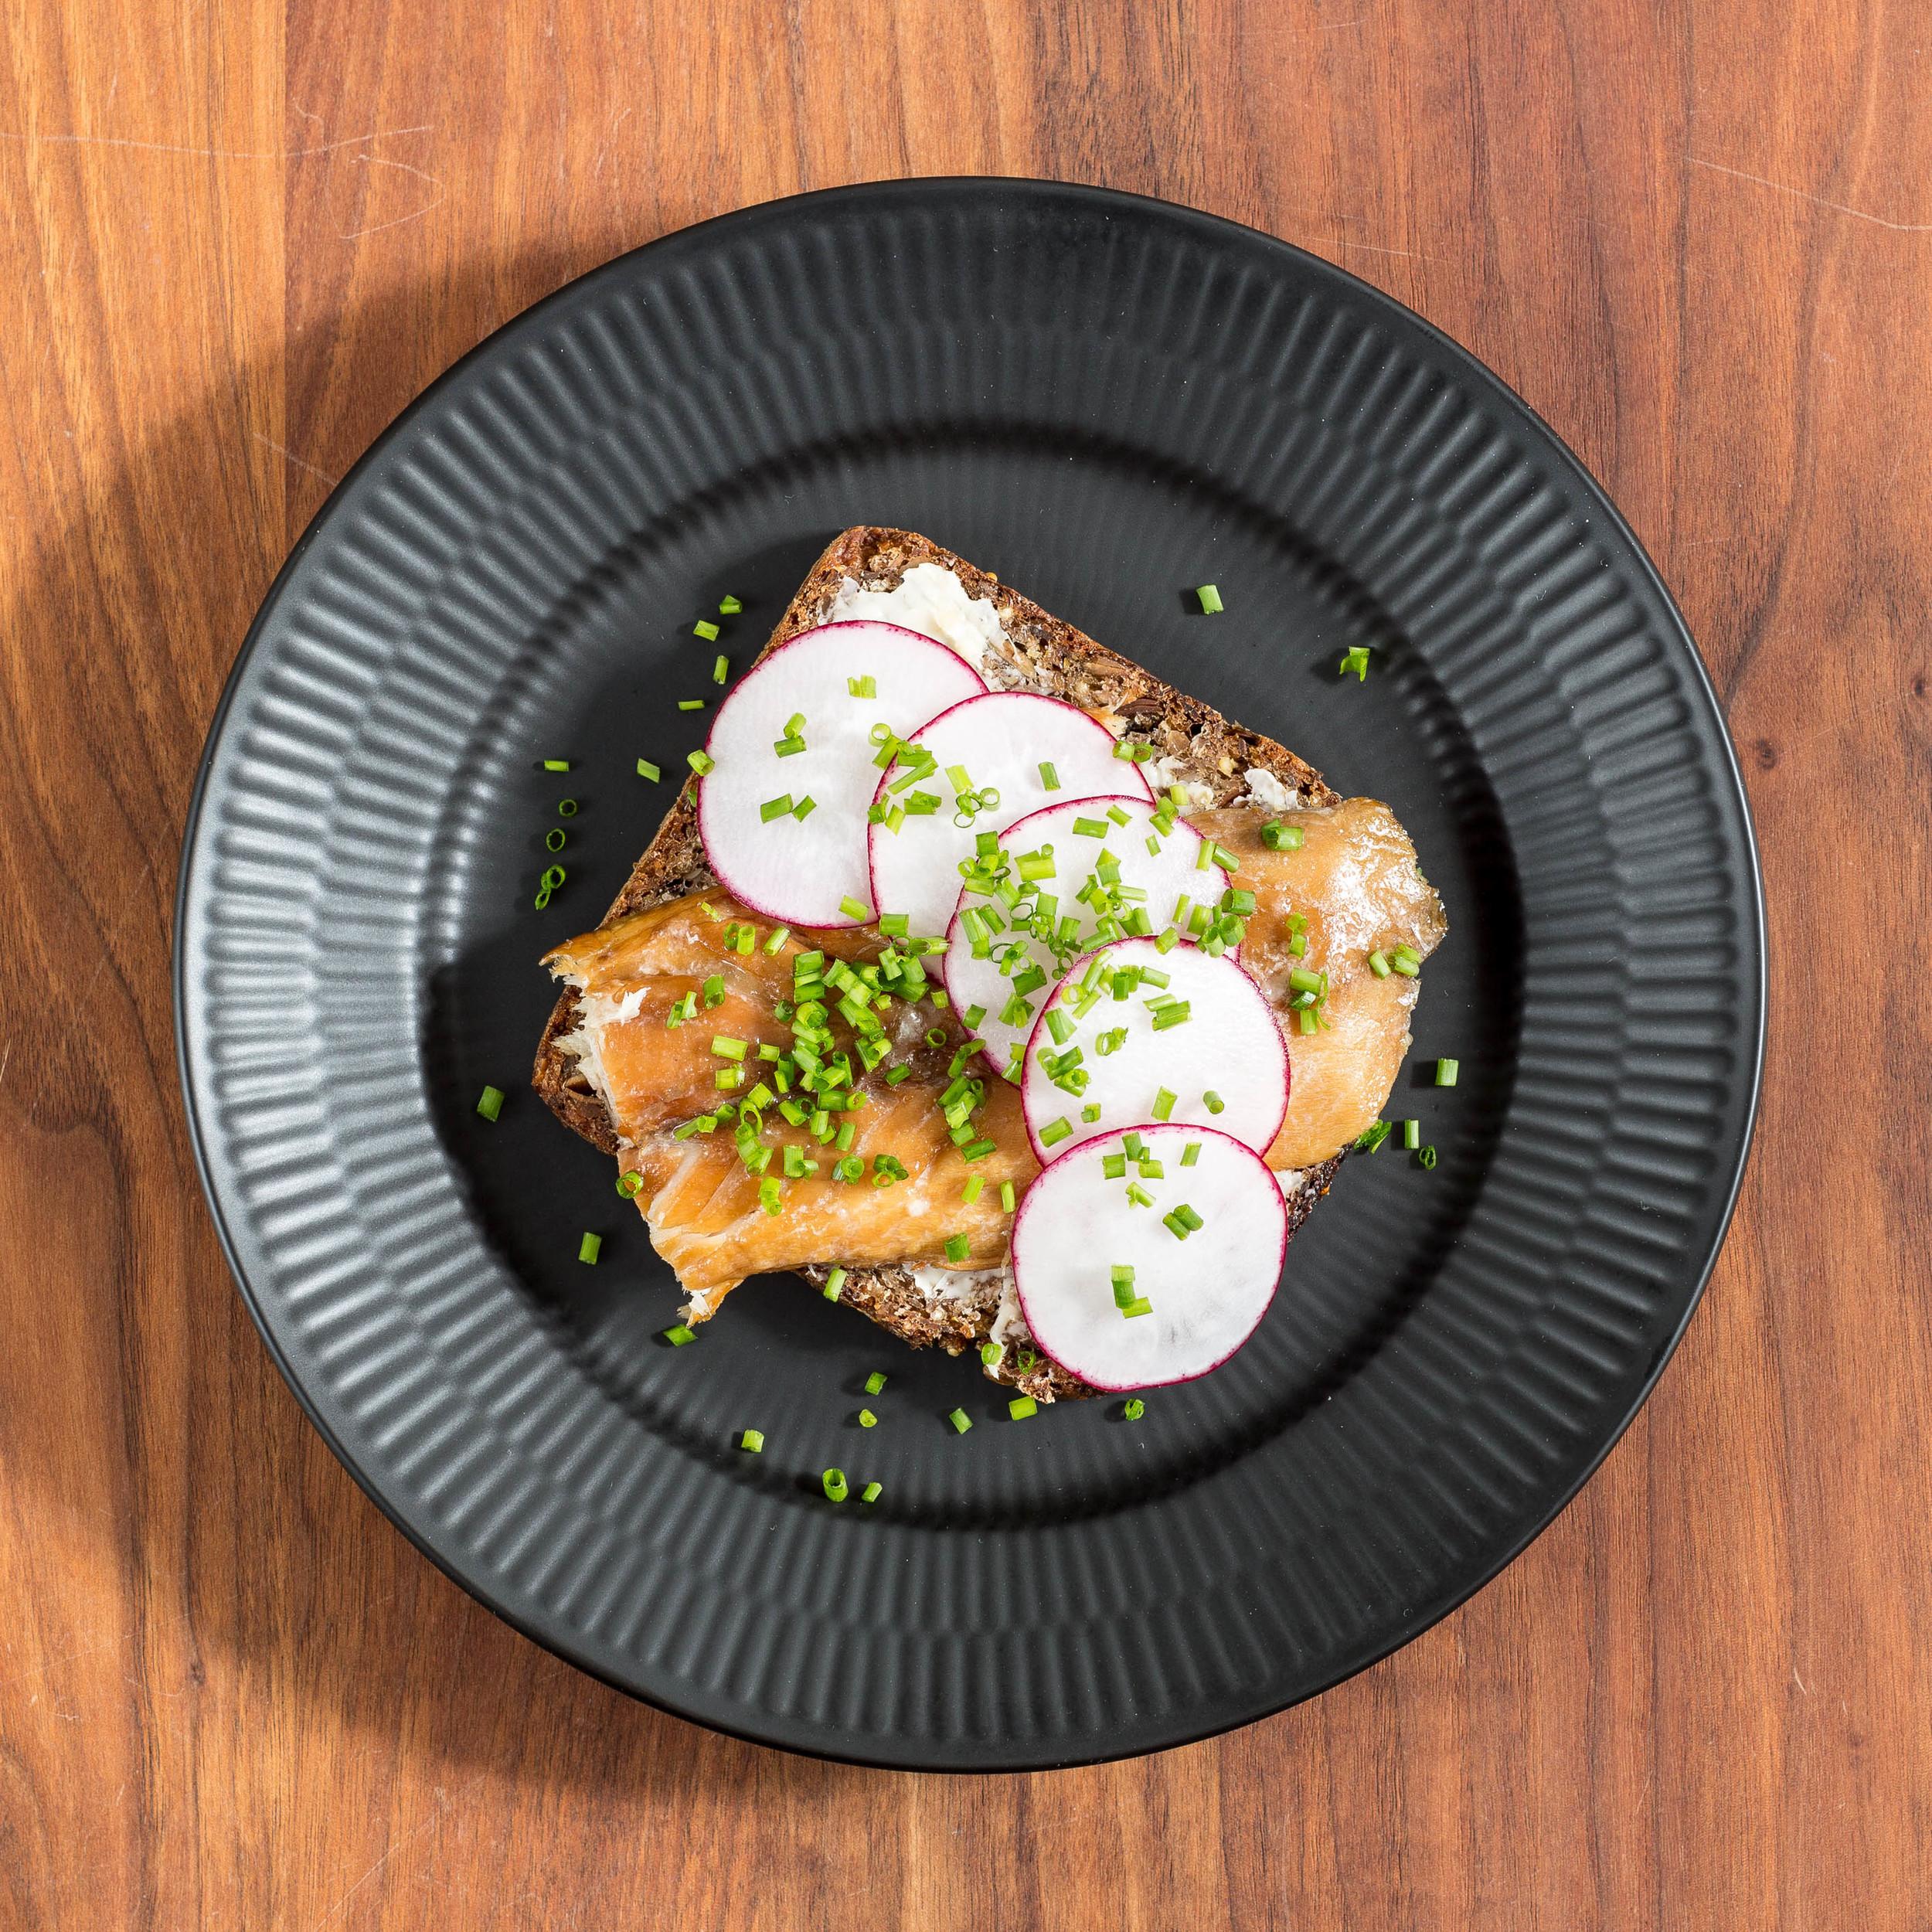 Smoked Mackerel on an Open-faced Sandwich